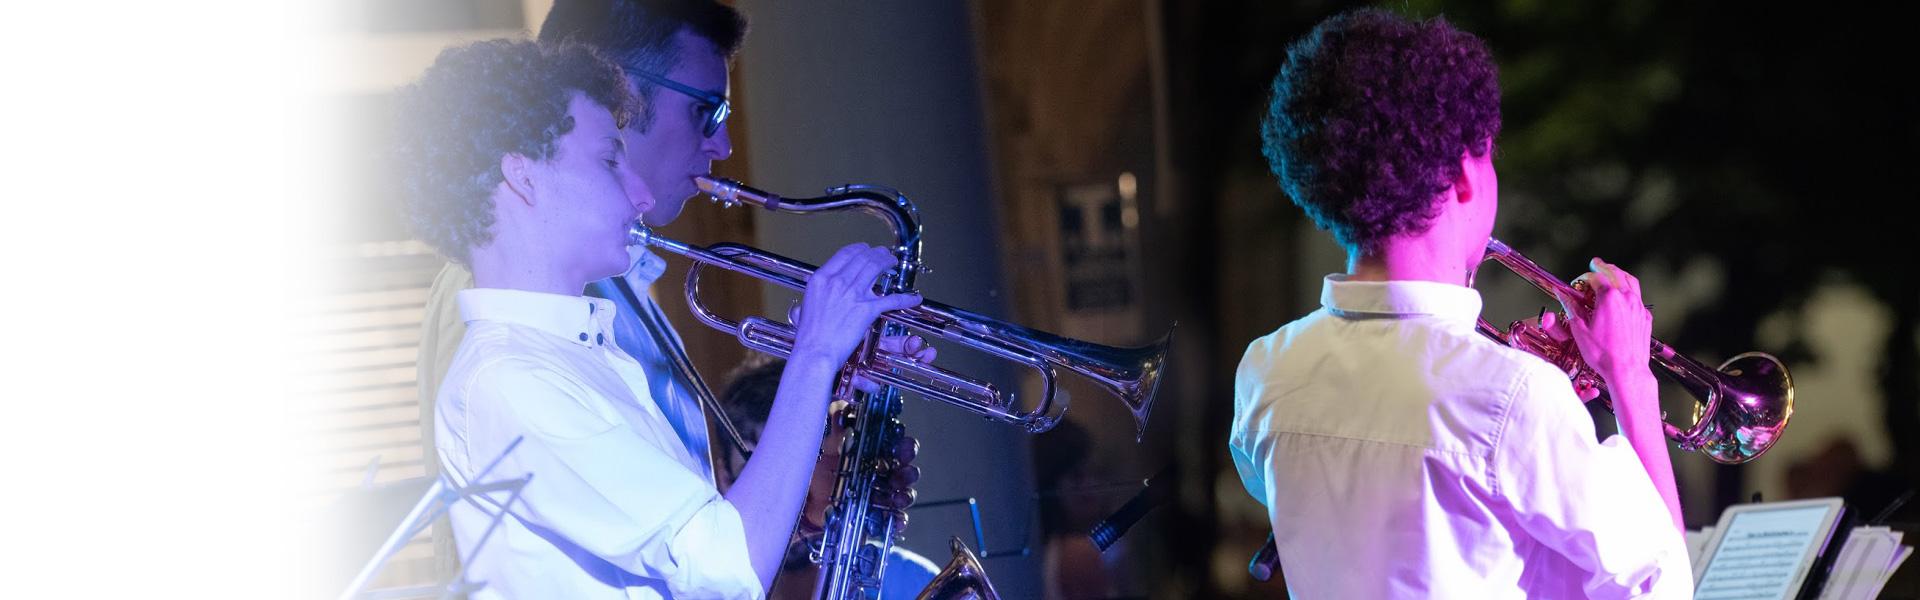 L'associazione con Matteo, trombettista di talento